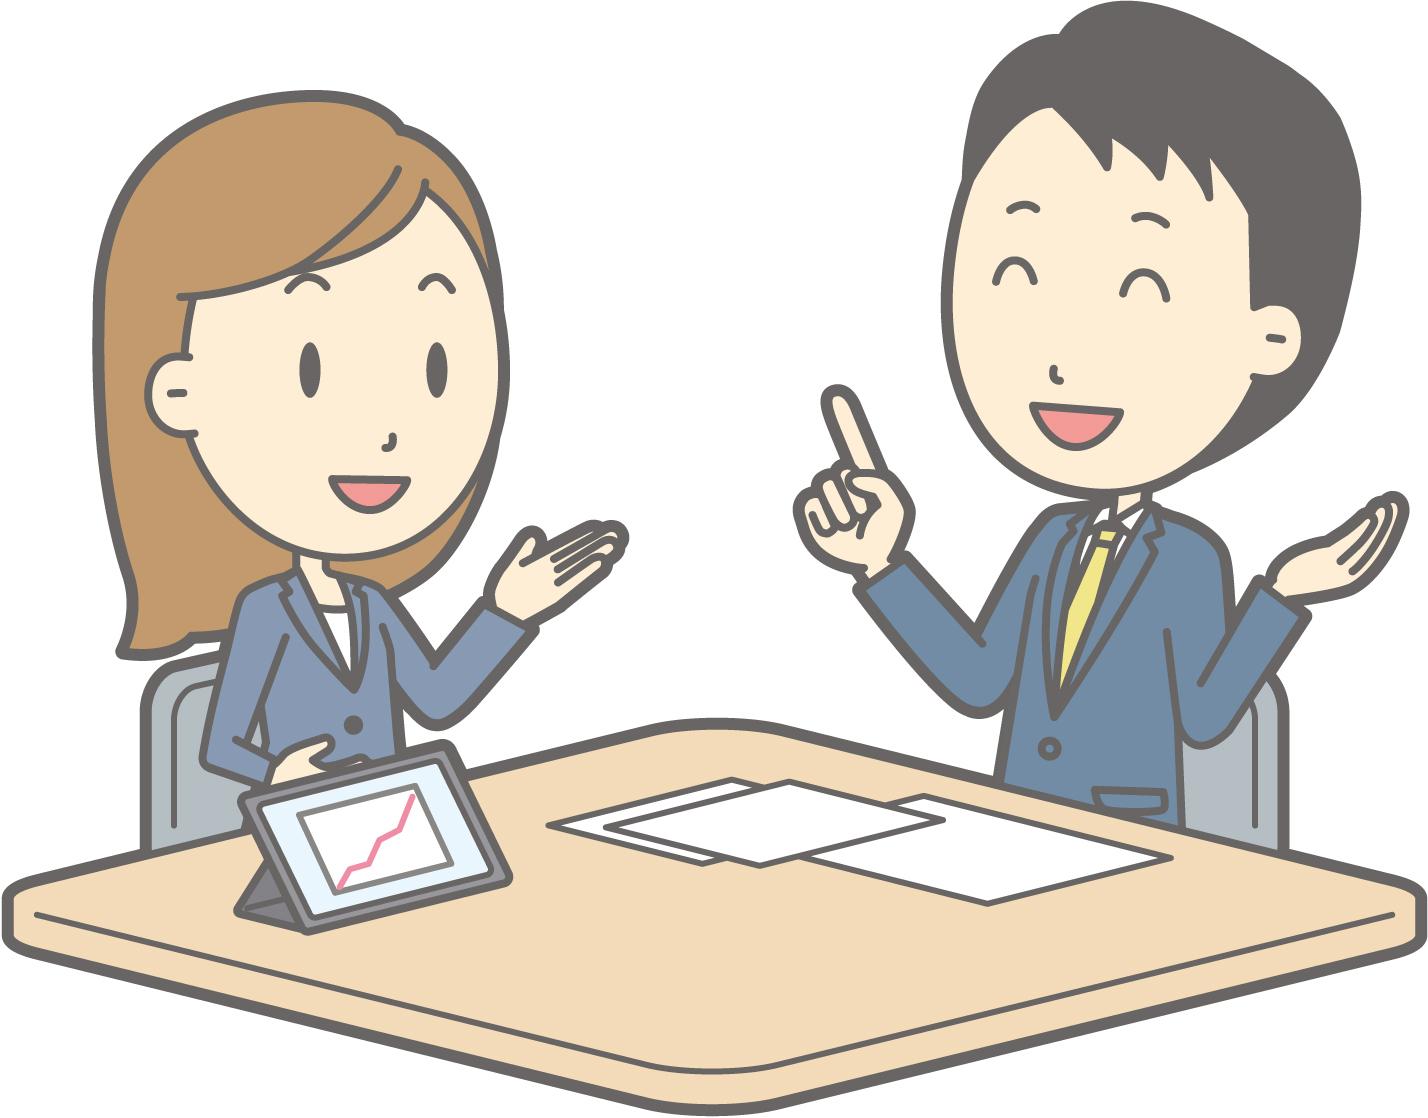 コミュニケーションの苦手感を克服しようと学ぶときの注意とは?